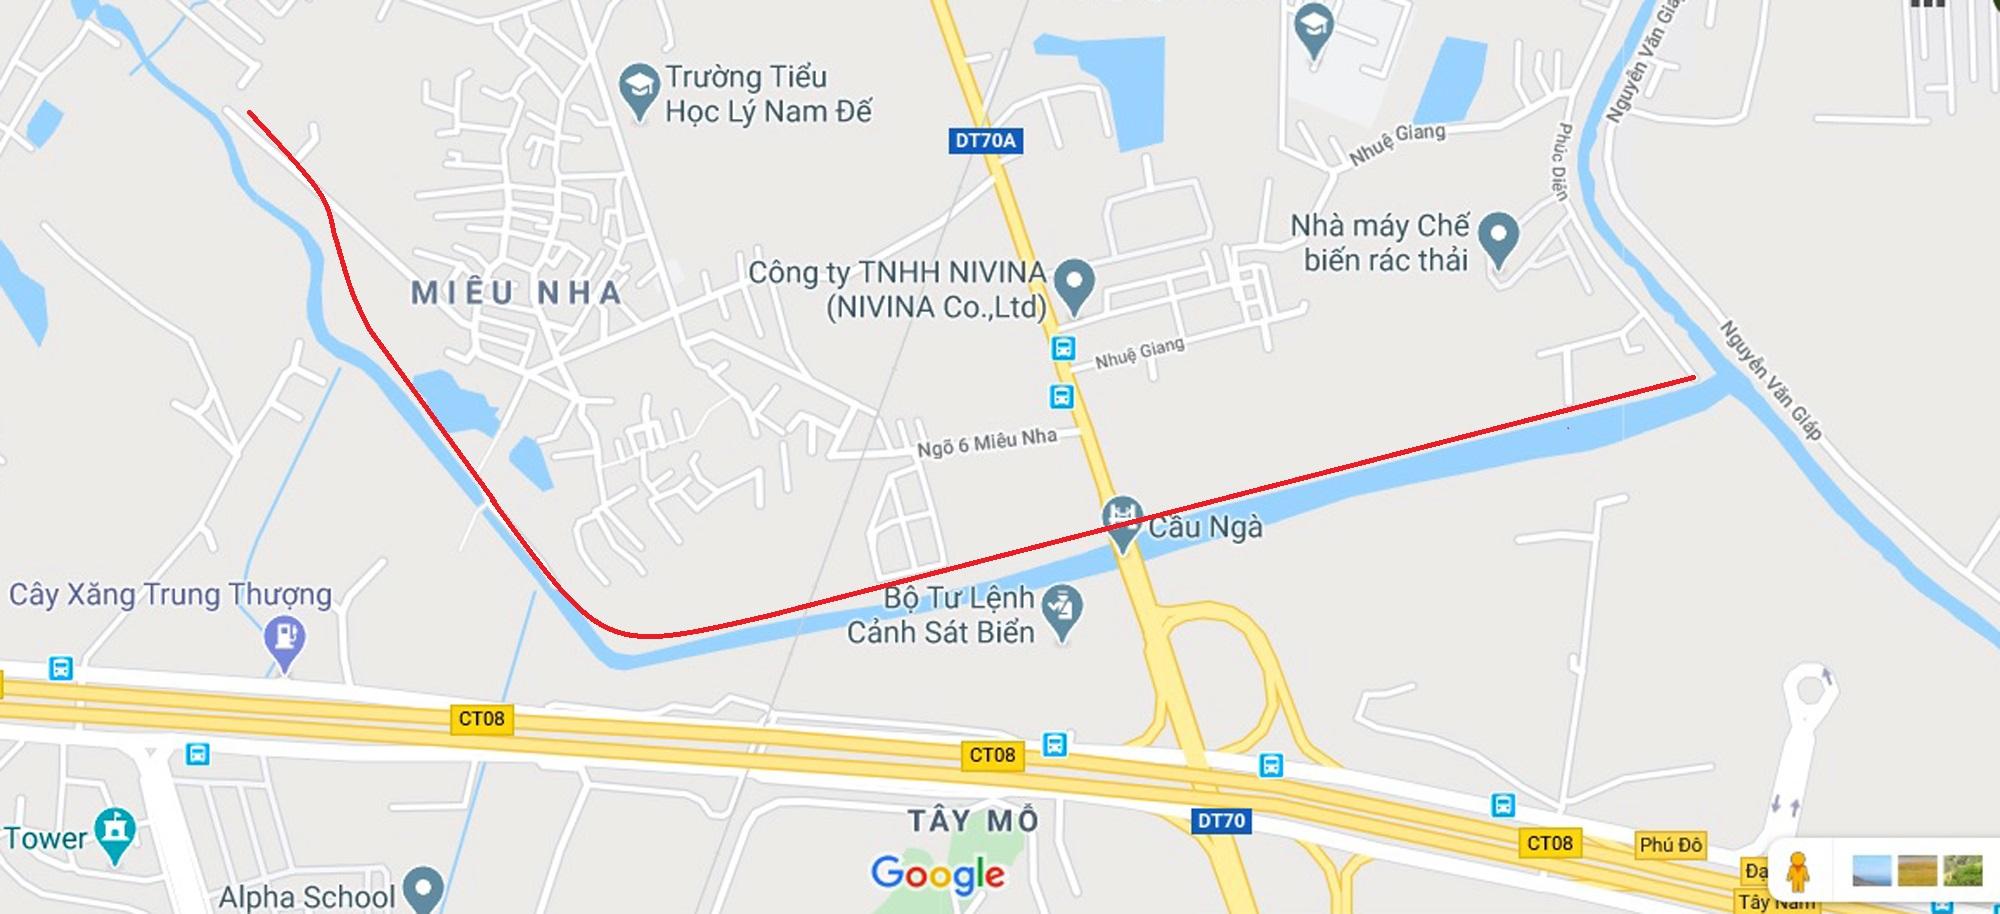 Toàn cảnh nơi xây dựng tuyến đường dài 3km trị giá gần 500 tỉ đồng ở quận Nam Từ Liêm - Ảnh 1.